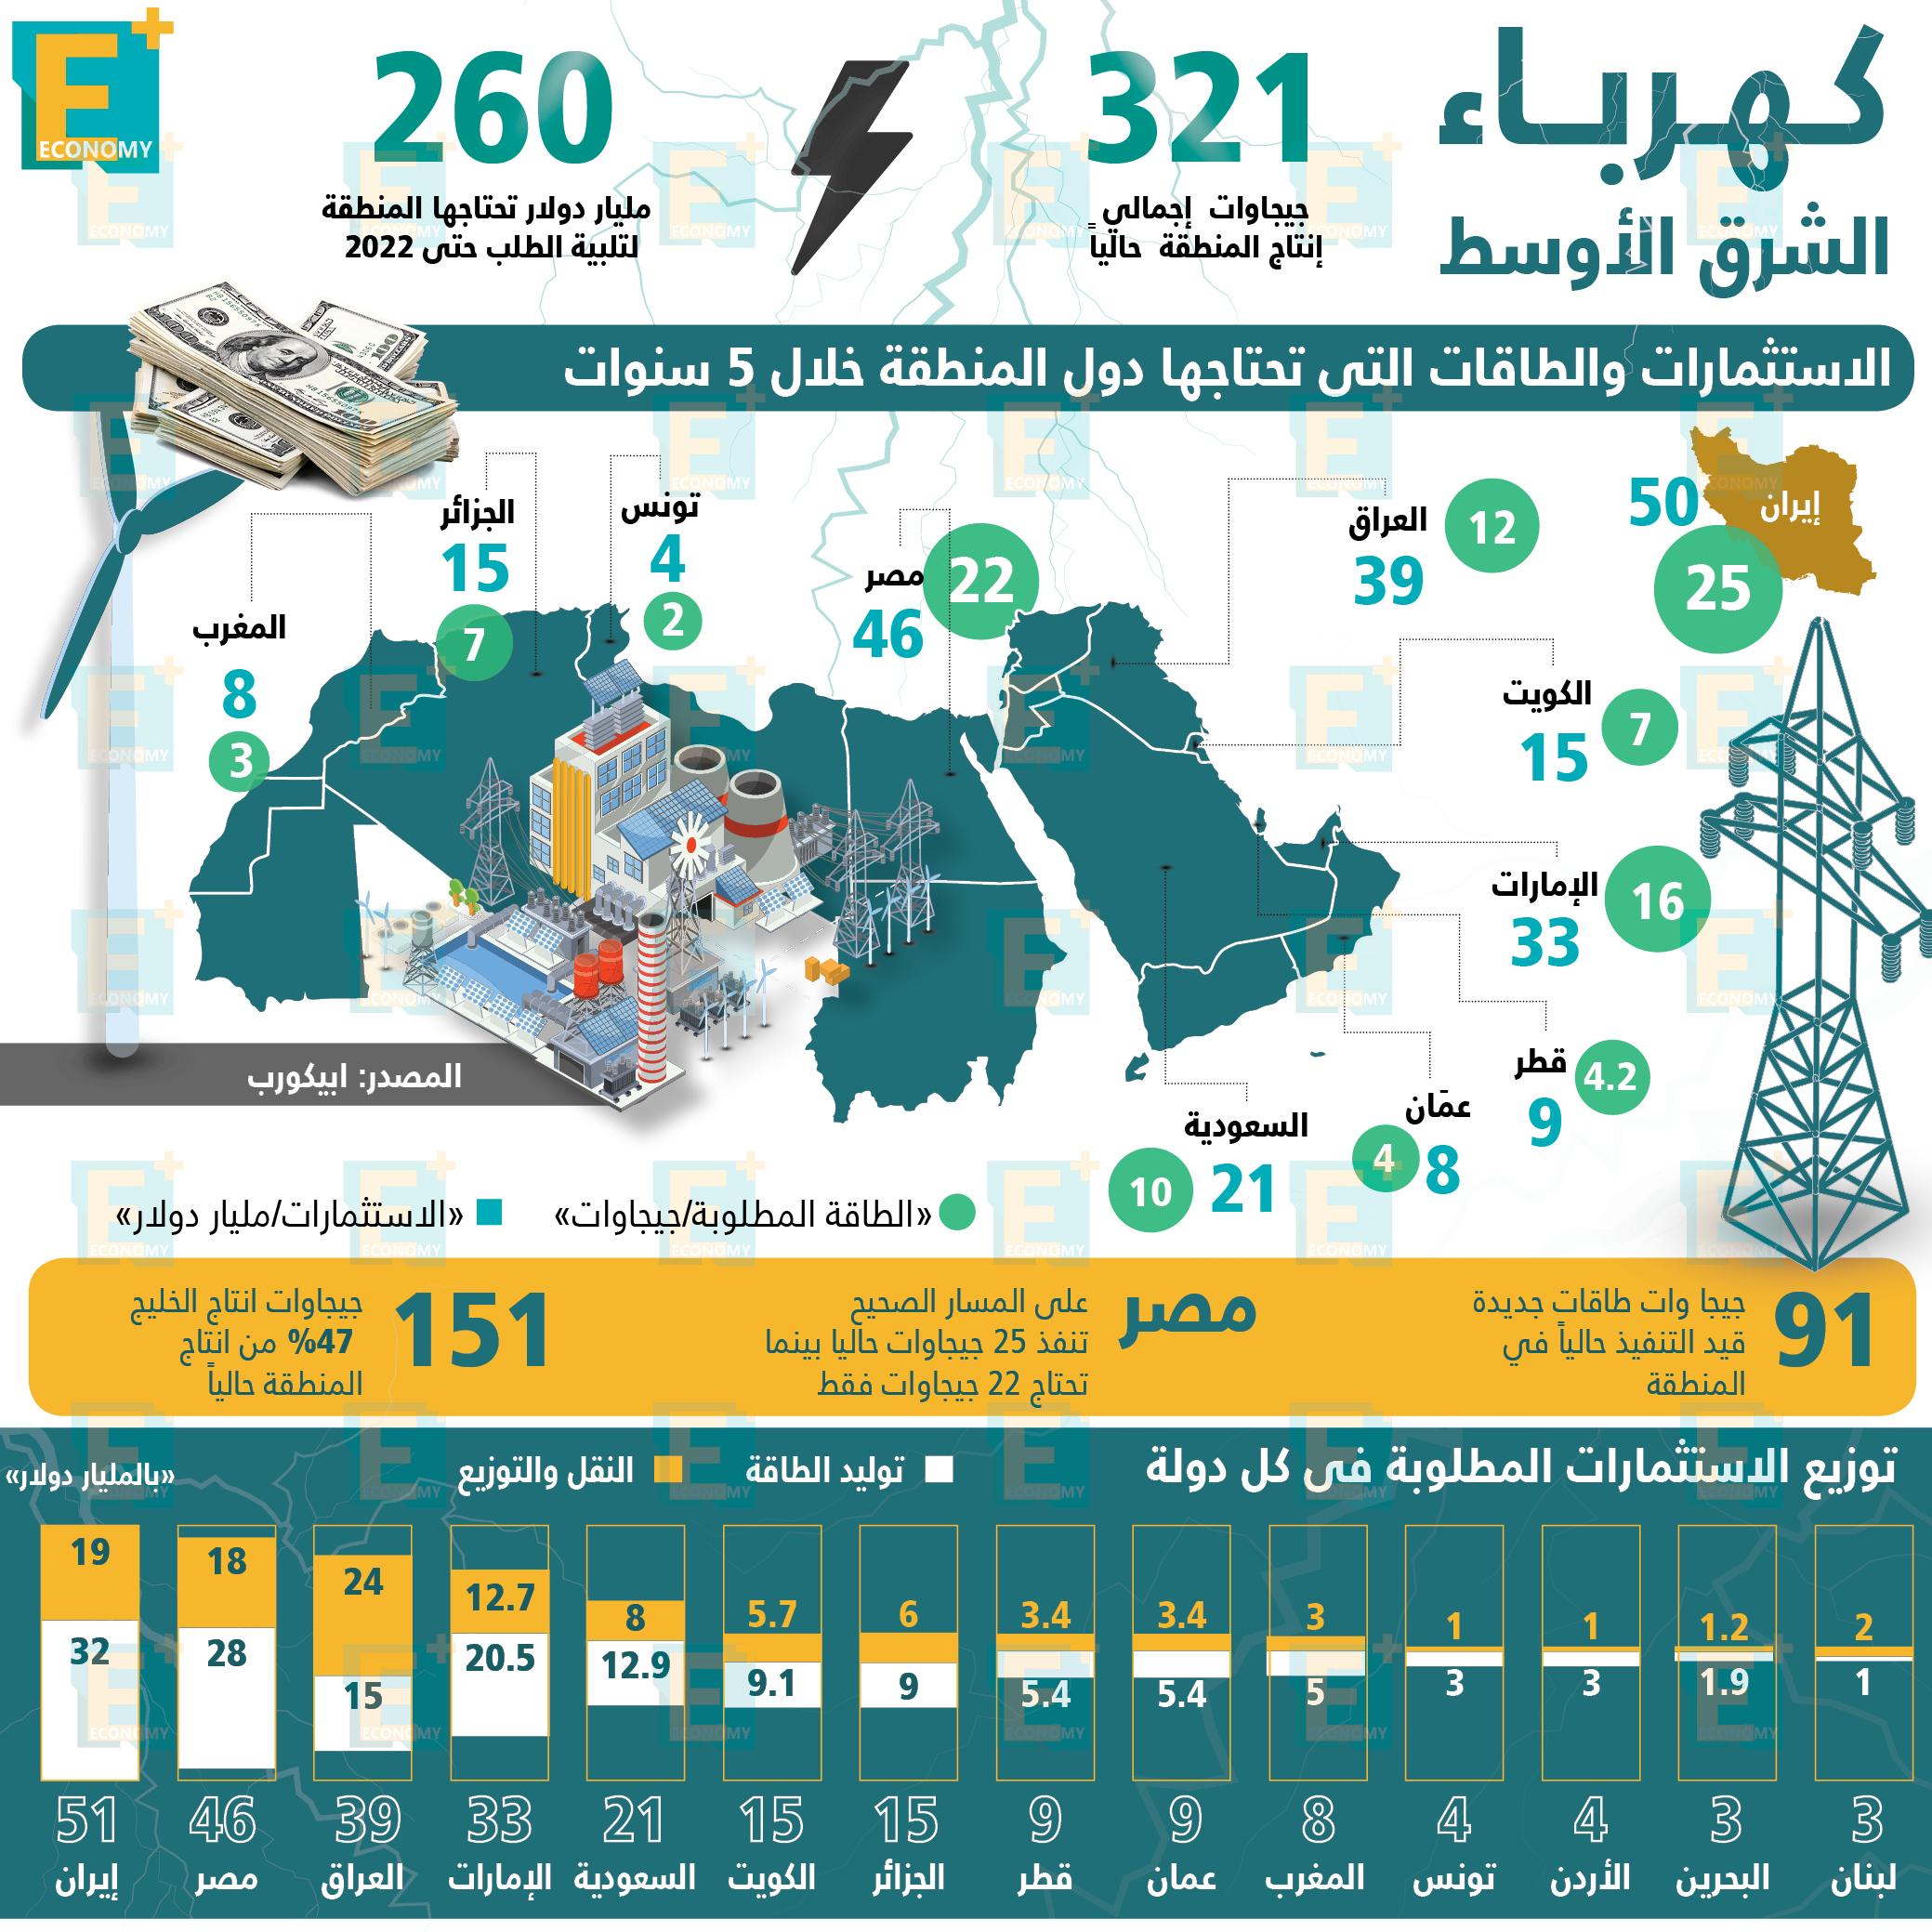 كهرباء الشرق الأوسط بالأرقام